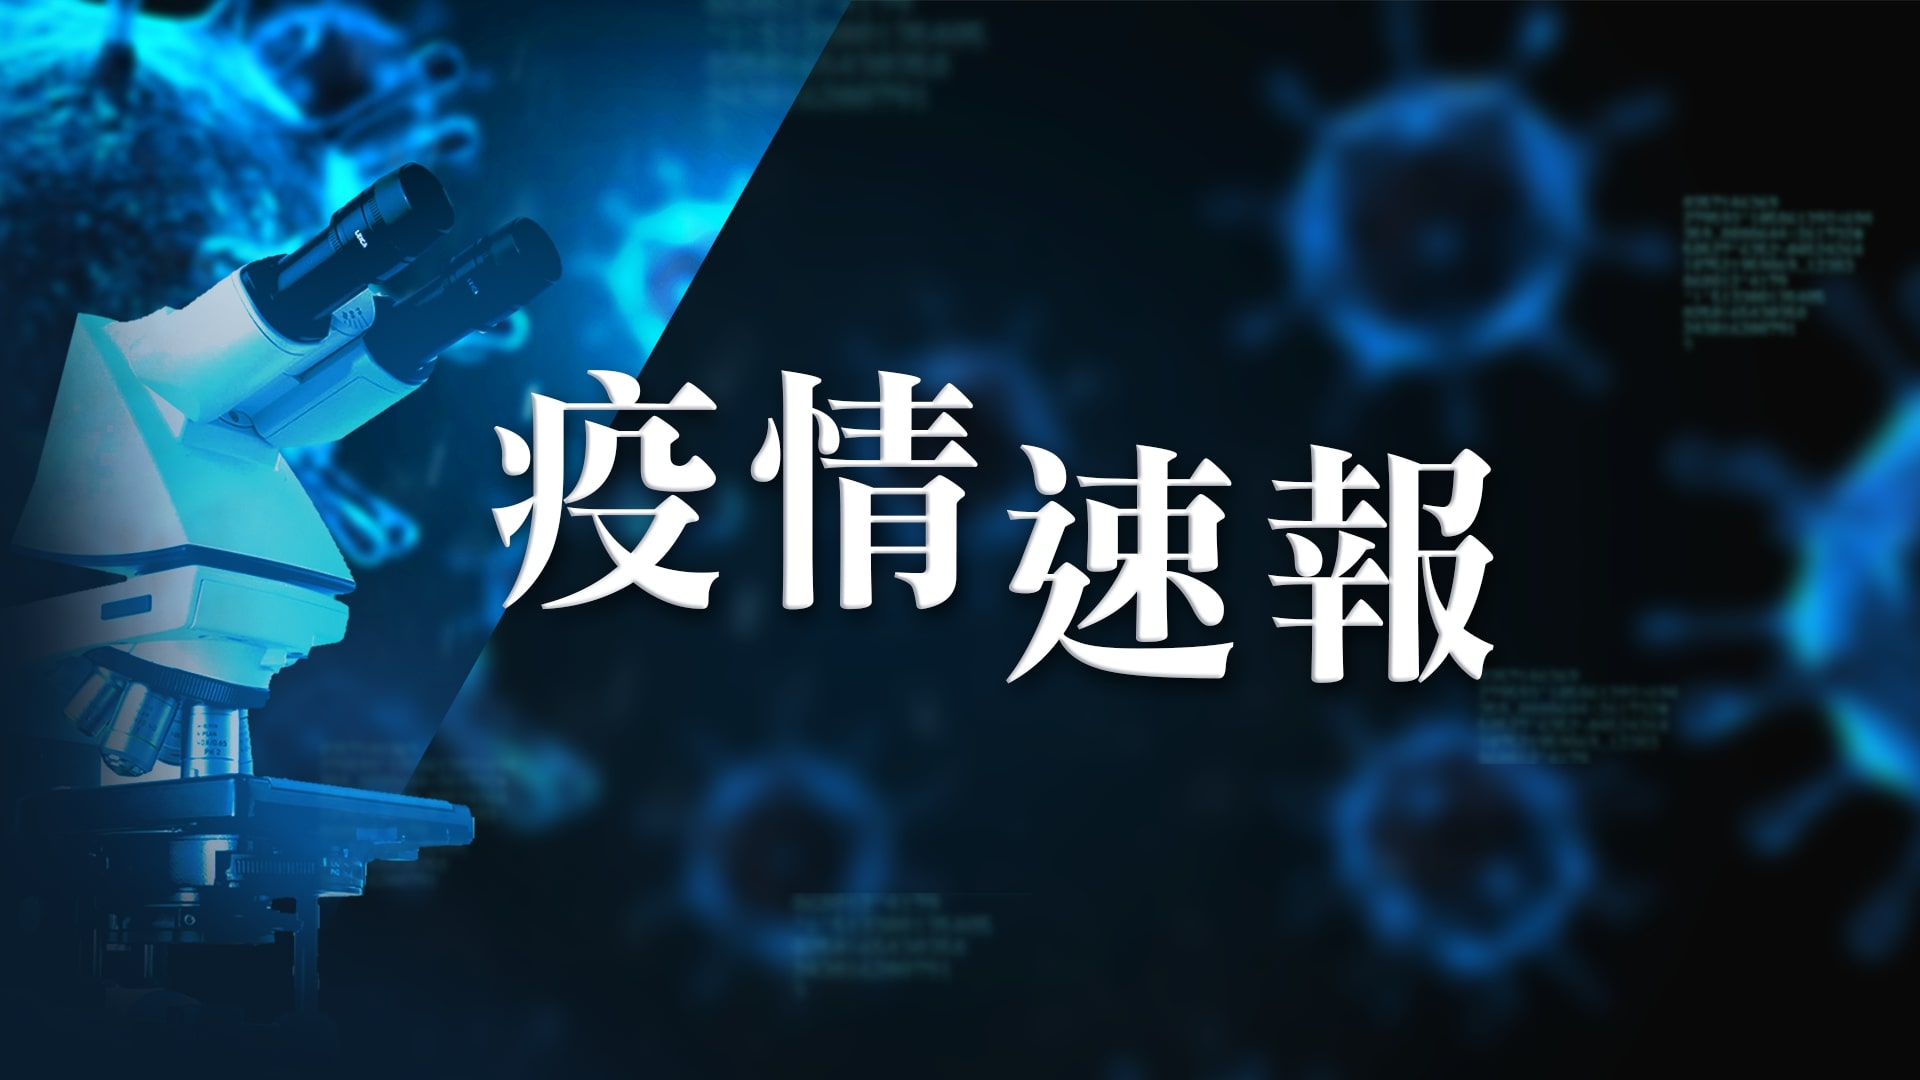 【2月19日疫情速報】(22:50)